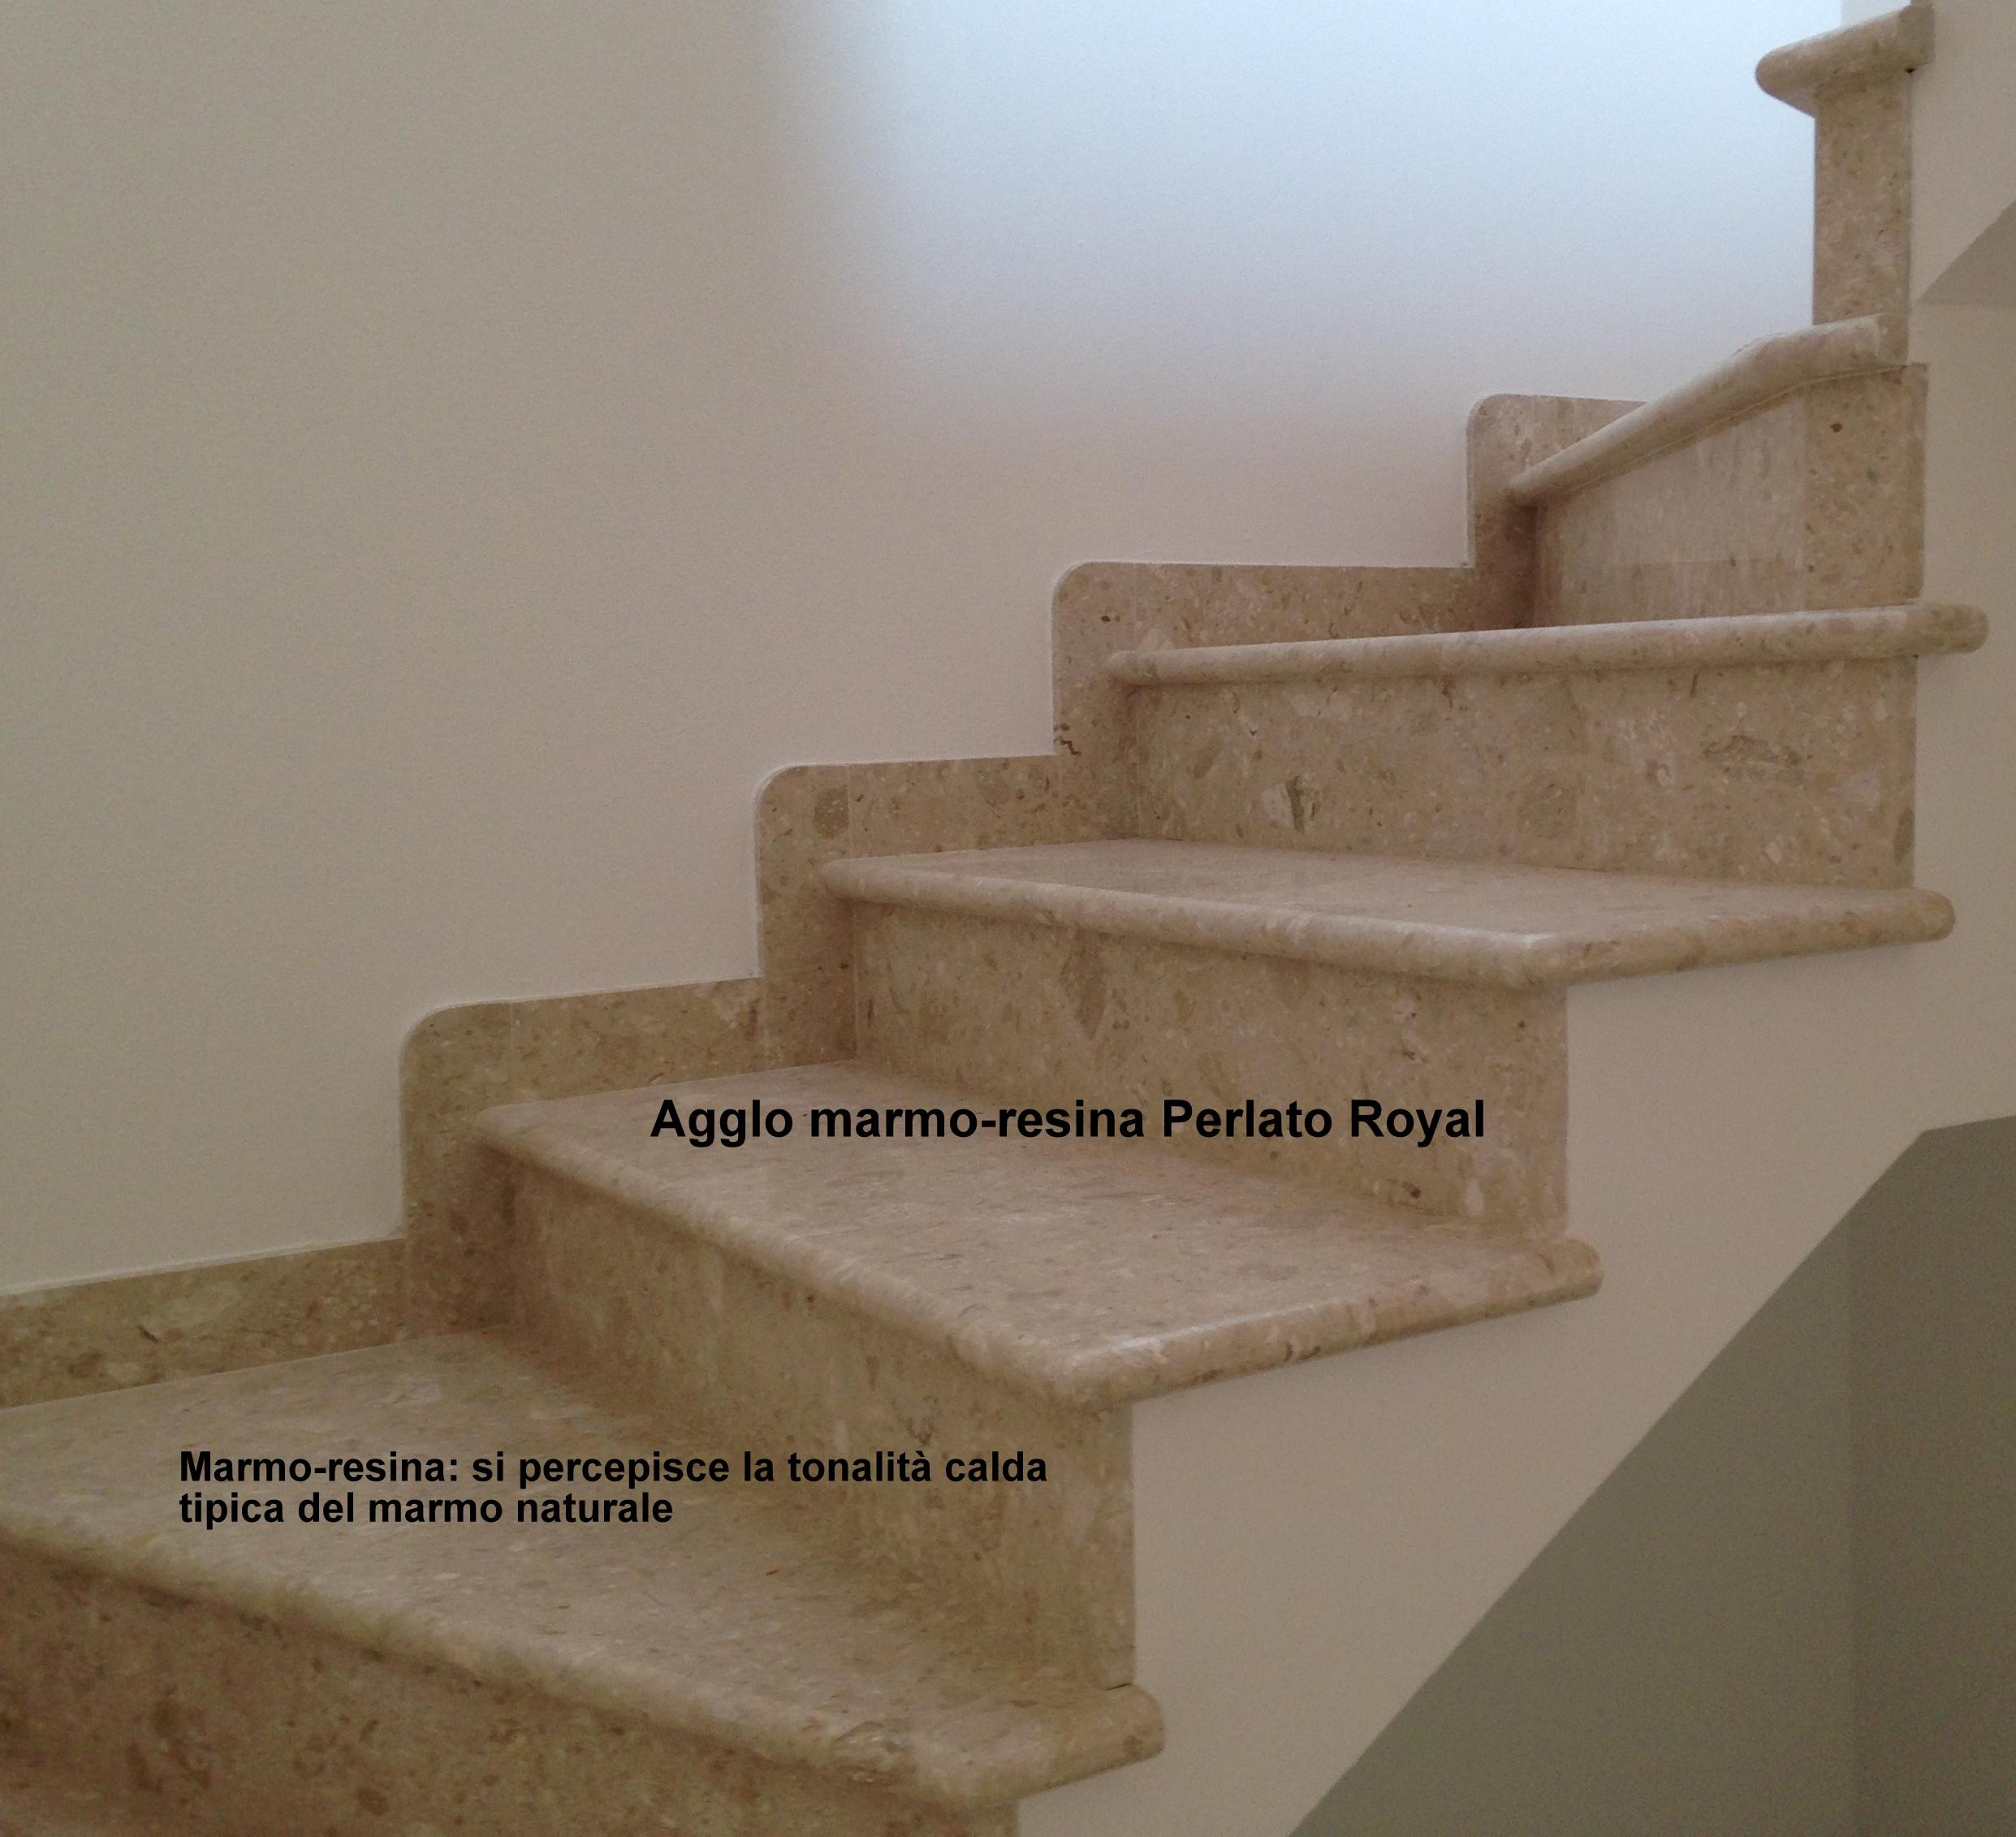 Davanzali In Marmo Botticino marmo-resina agglomerato - lavorazioni in marmo